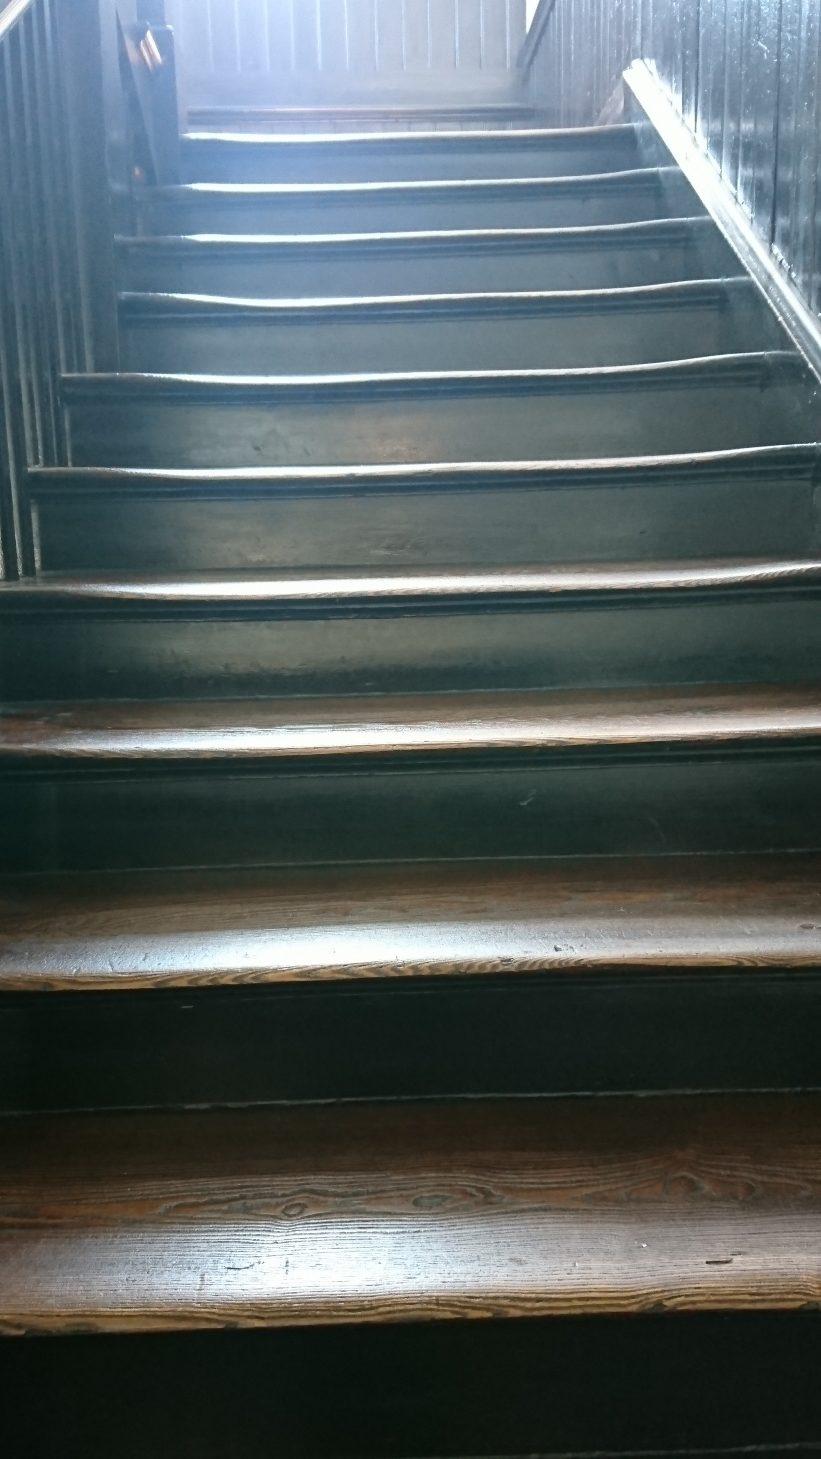 差し込む光と木造の階段